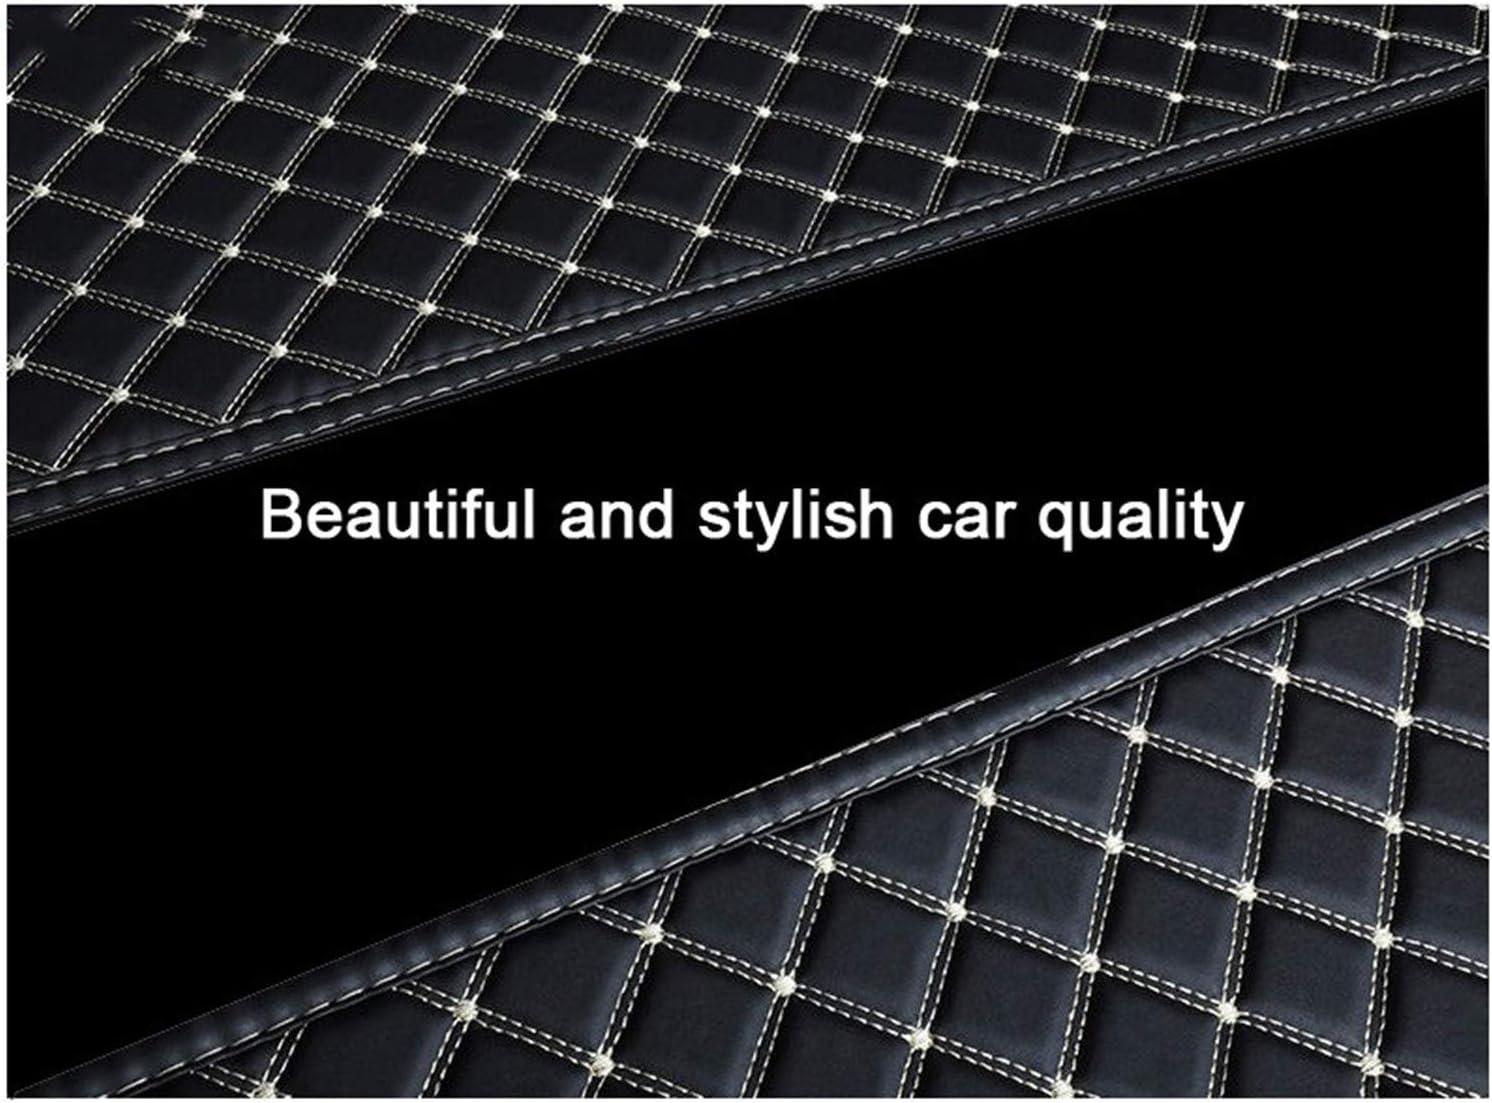 Tapis de Coffre de Voiture De Plancher de Coffre Car Styling Fit for Audi Q5 Q5L brocanteur Mat arri/ère du Coffre Liner Cargo Floor Plateau Tapis Protecteur Accessoires Chien Couvertures for Animaux